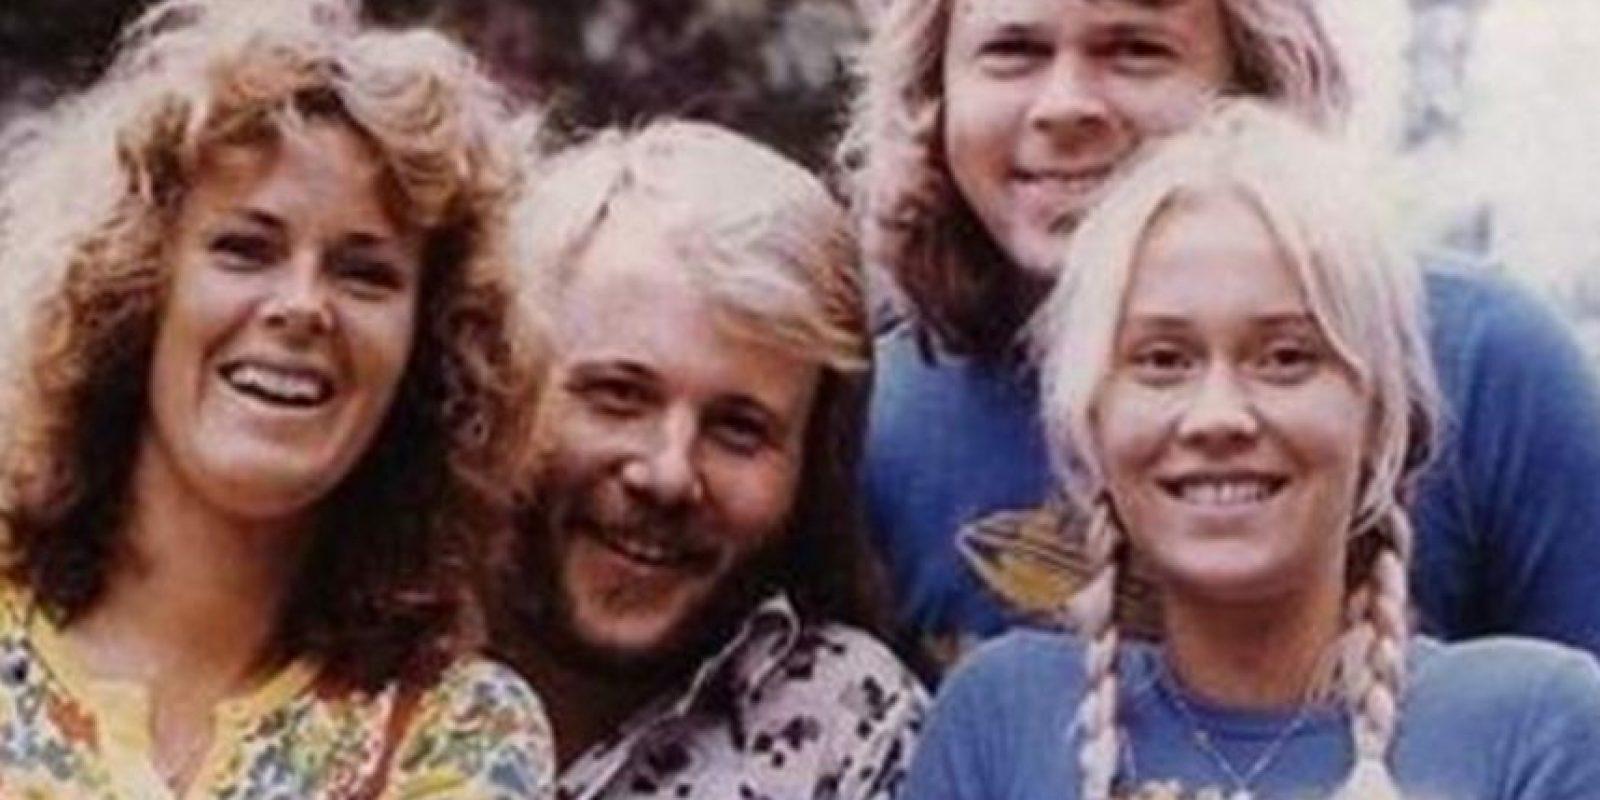 Los cuatro miembros del grupo Abba aparecieron juntos de nuevo Foto:Vía facebook.com/ABBA